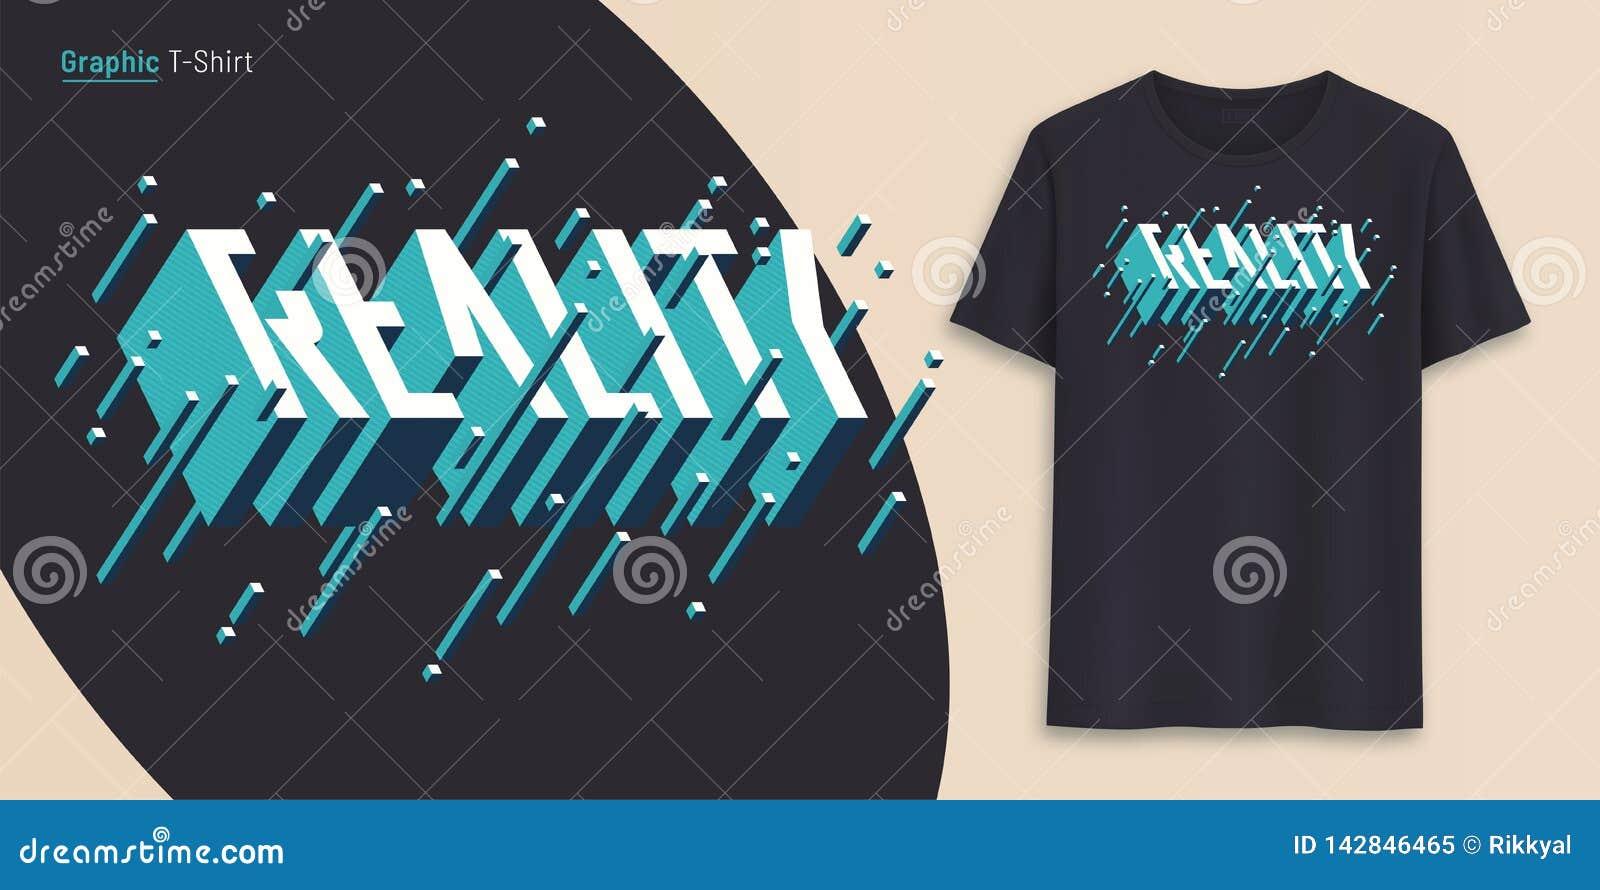 Realidad El diseño gráfico de la camiseta, tipografía, impresión con 3d diseñó el texto